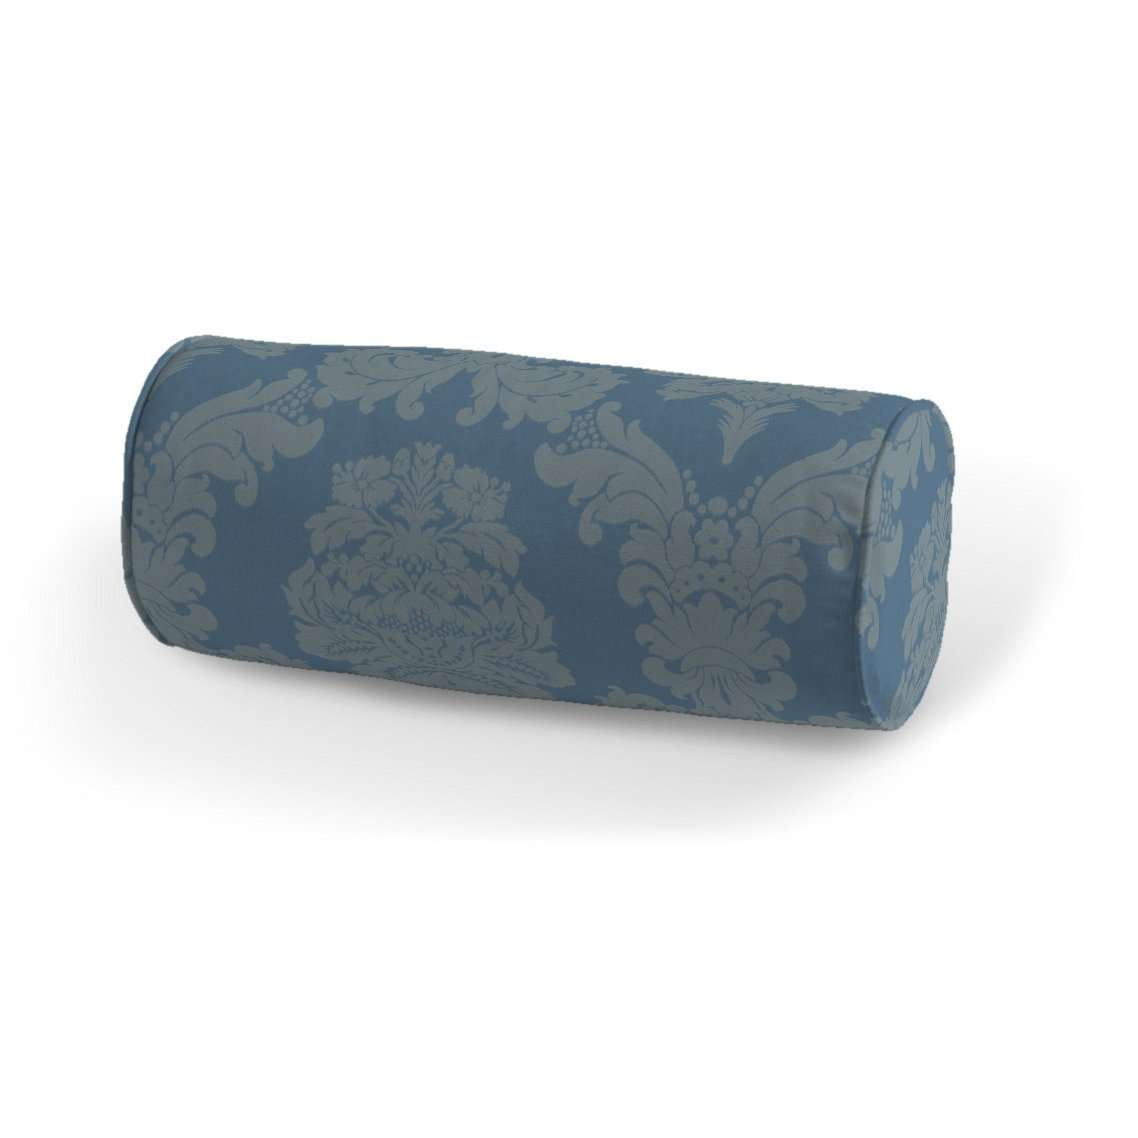 Wałek prosty Ø 16 x 40 cm w kolekcji Damasco, tkanina: 613-67